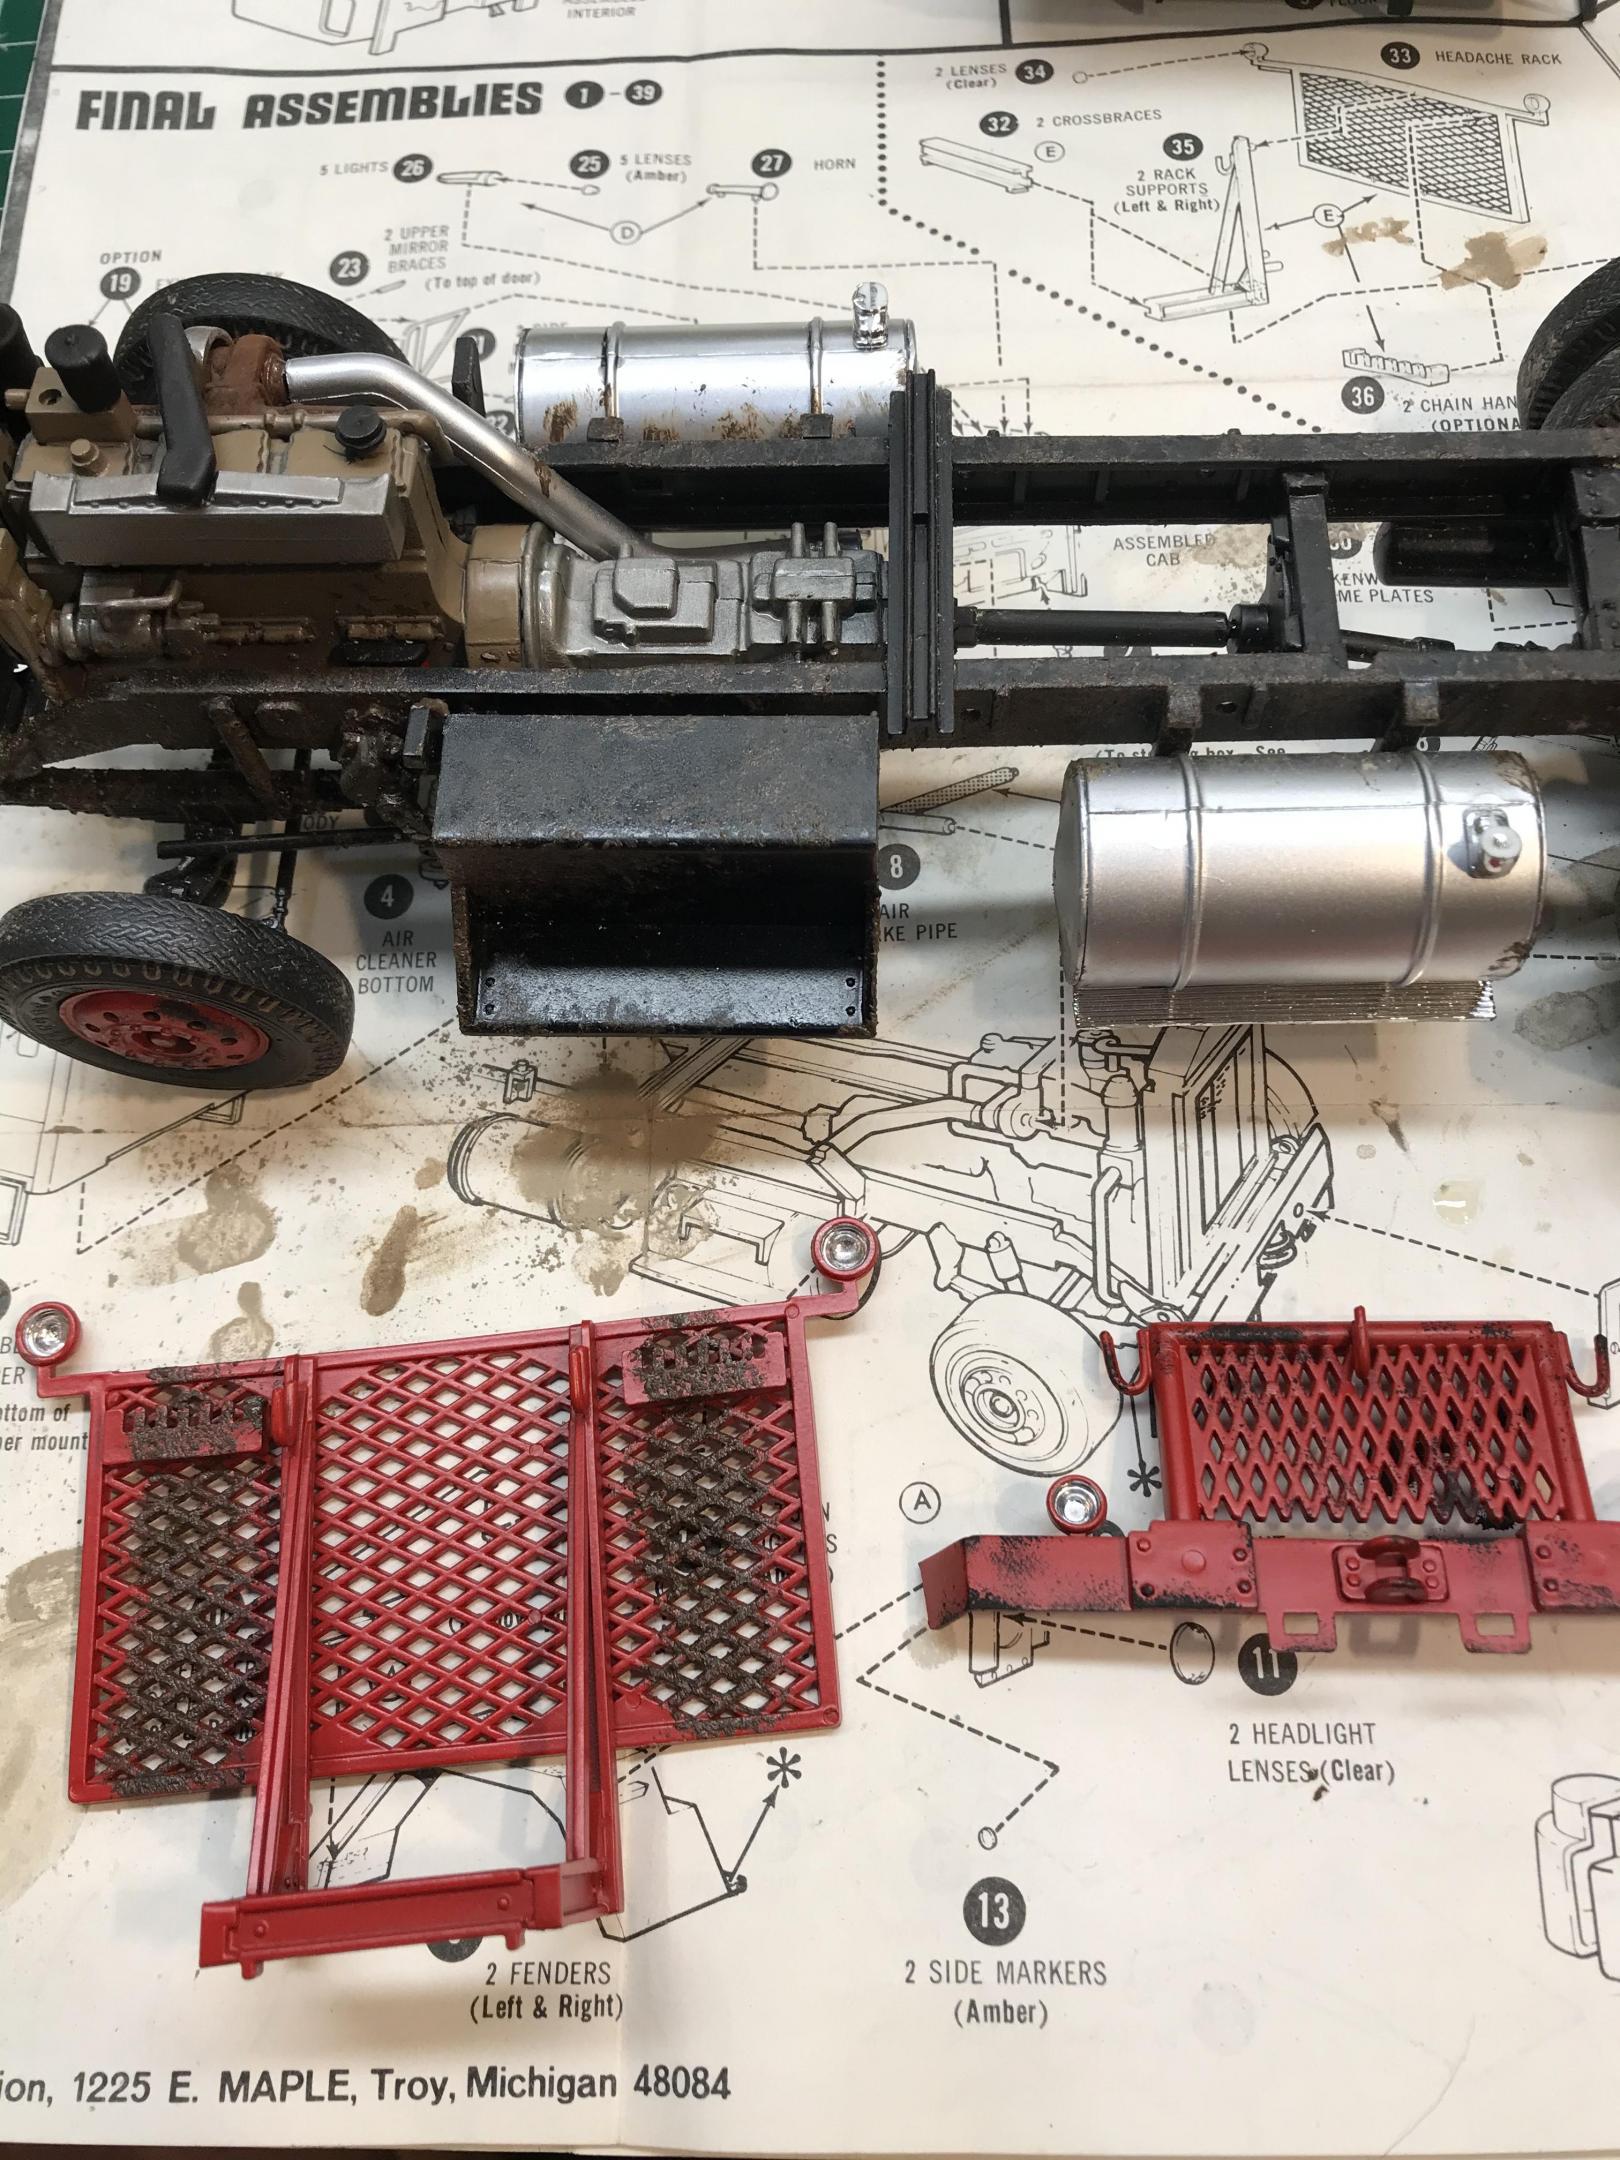 EF5998E4-1C64-4295-914B-99A0CF999D52.jpeg